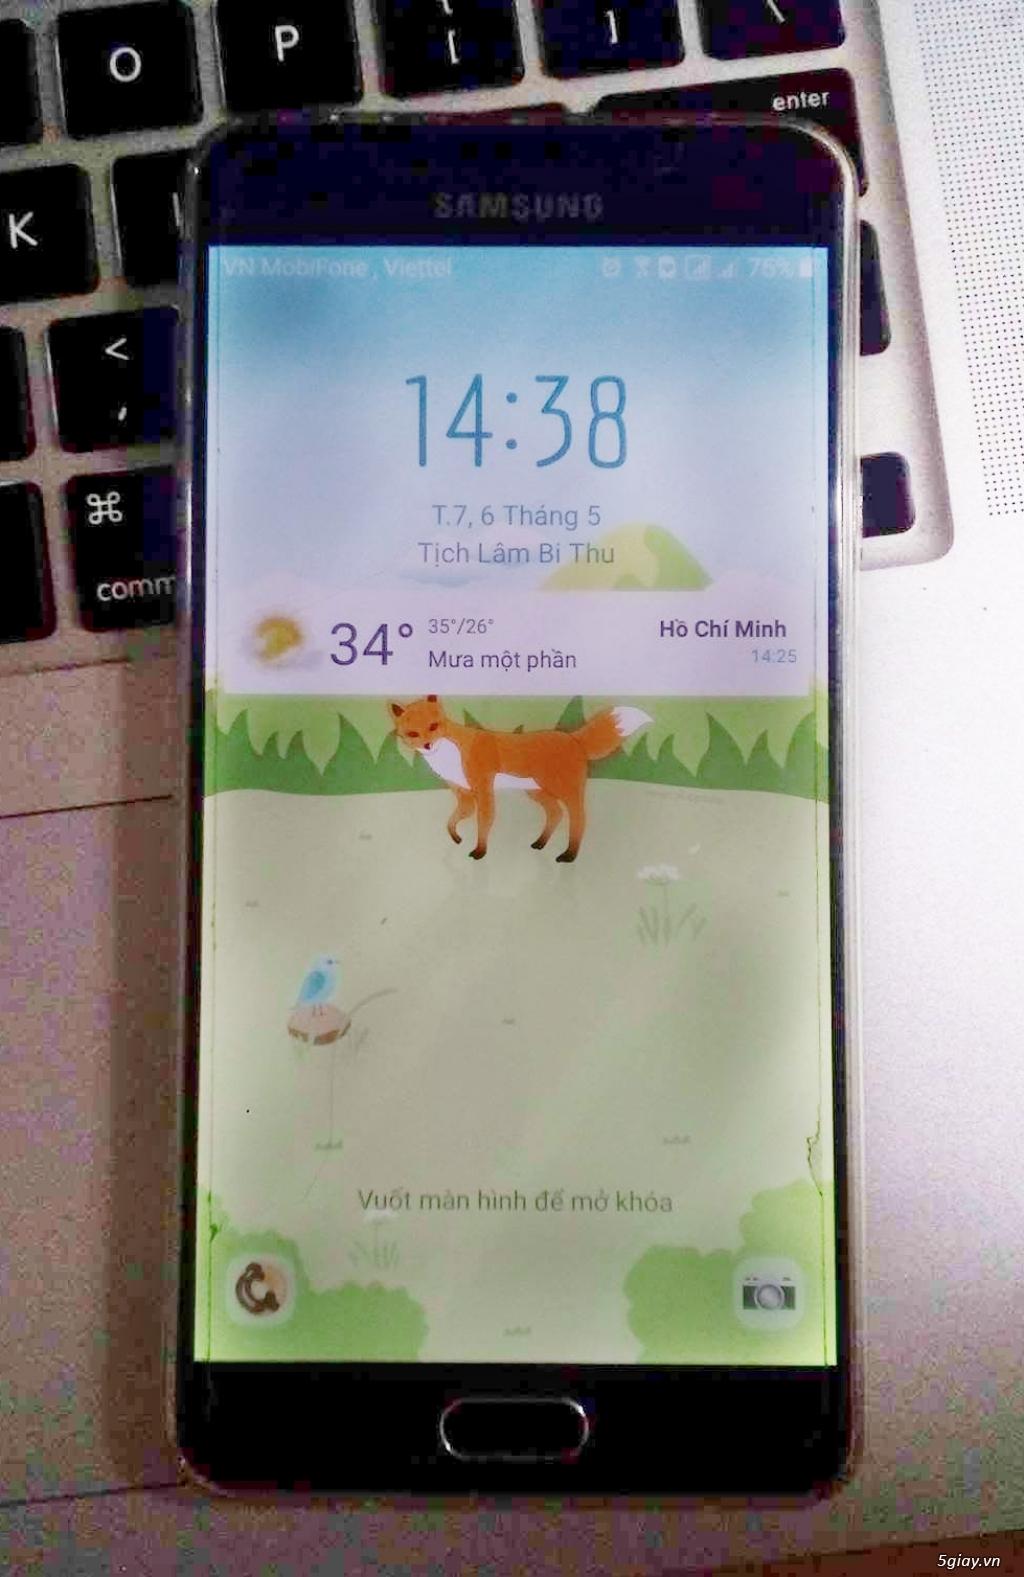 Samsung A7 (2016) like new. BH chính hãng 5 tháng - 1